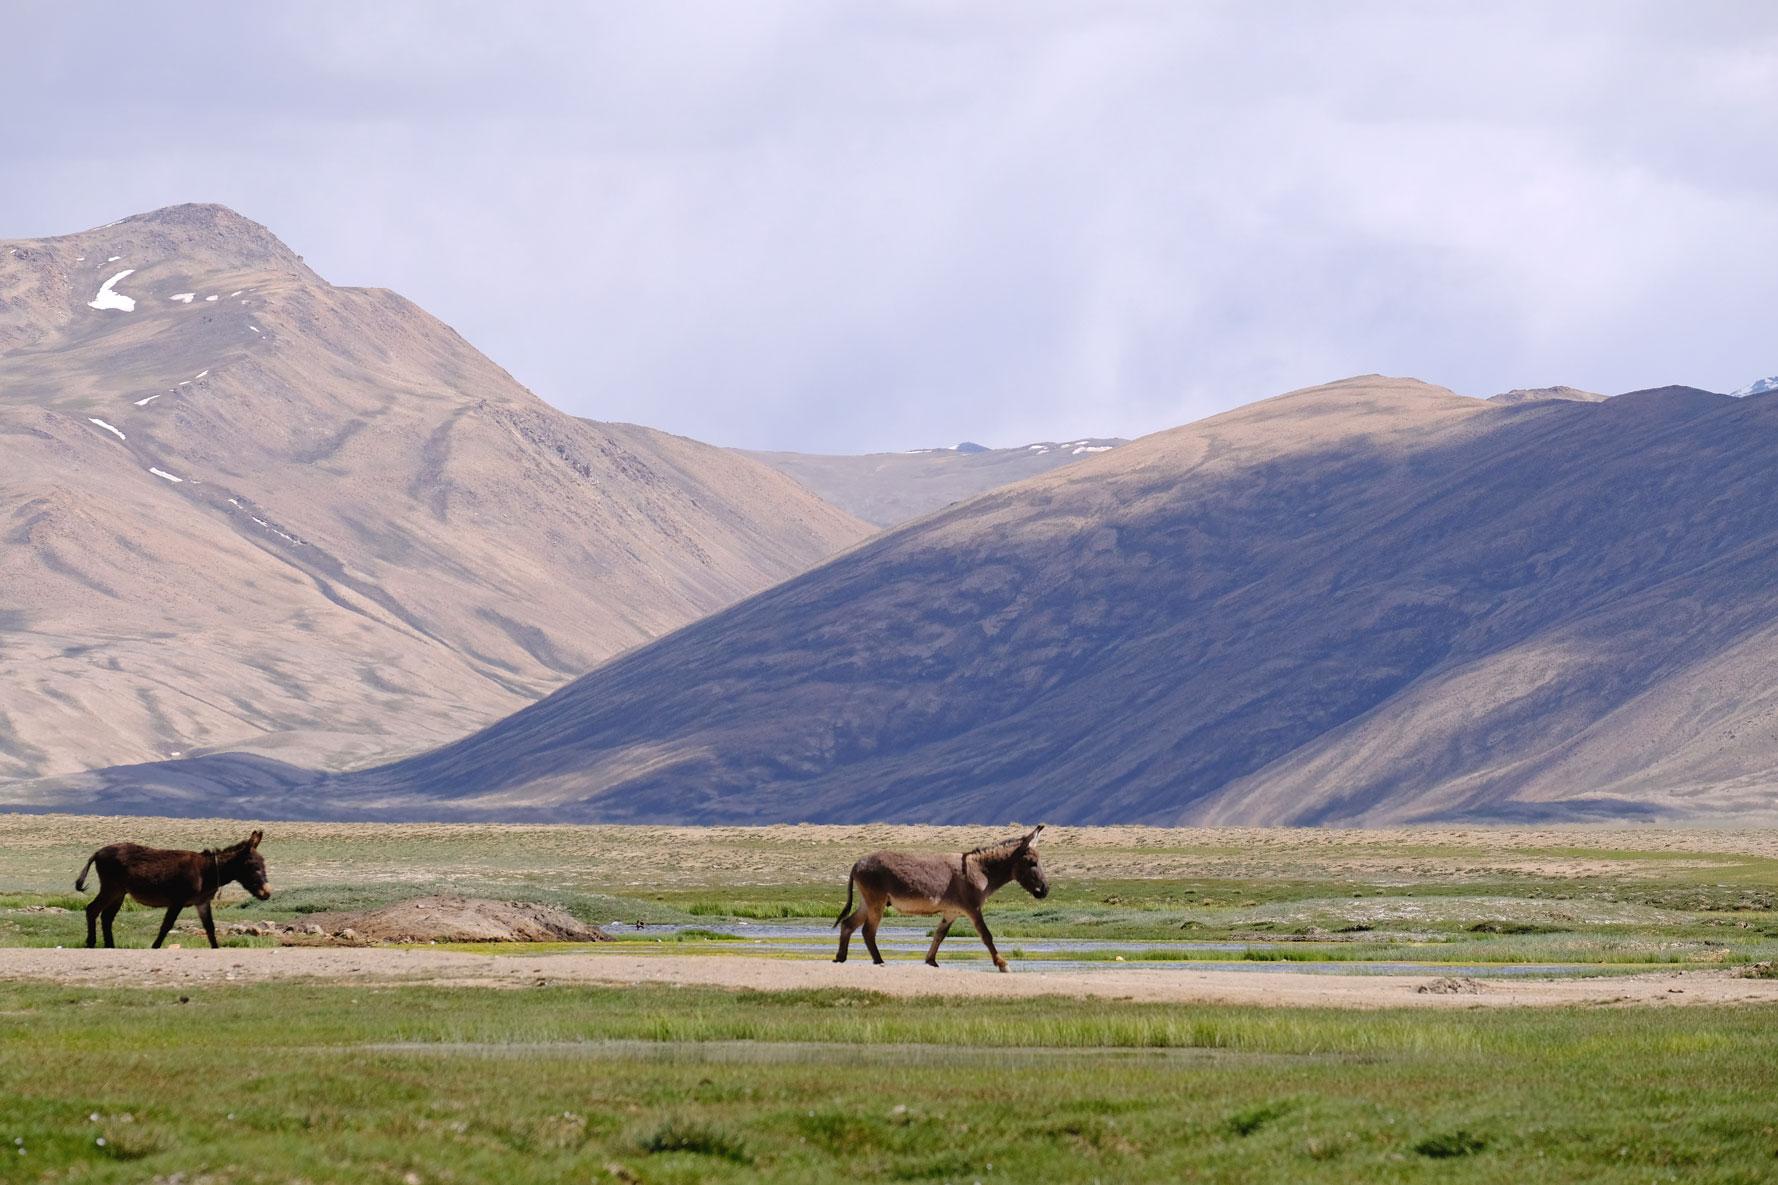 Neben uns trotten zwei Esel durch die friedvolle Natur